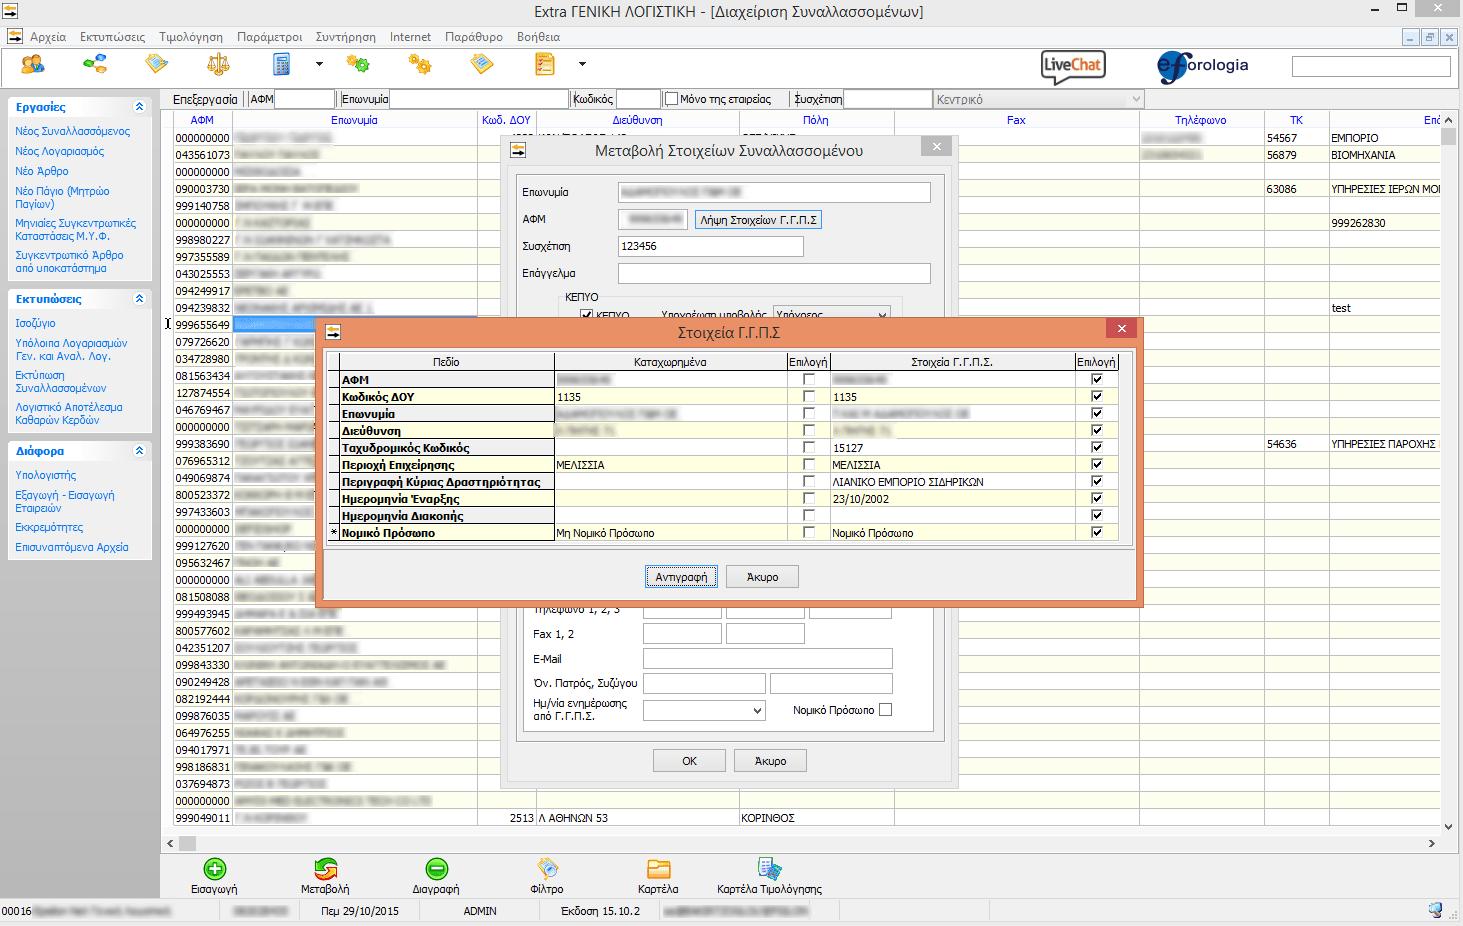 Η λήψη ολοκληρώνεται με τη χρήση Ειδικών Κωδικών και ενημερώνει την εφαρμογή με τα στοιχεία που επιθυμείτε